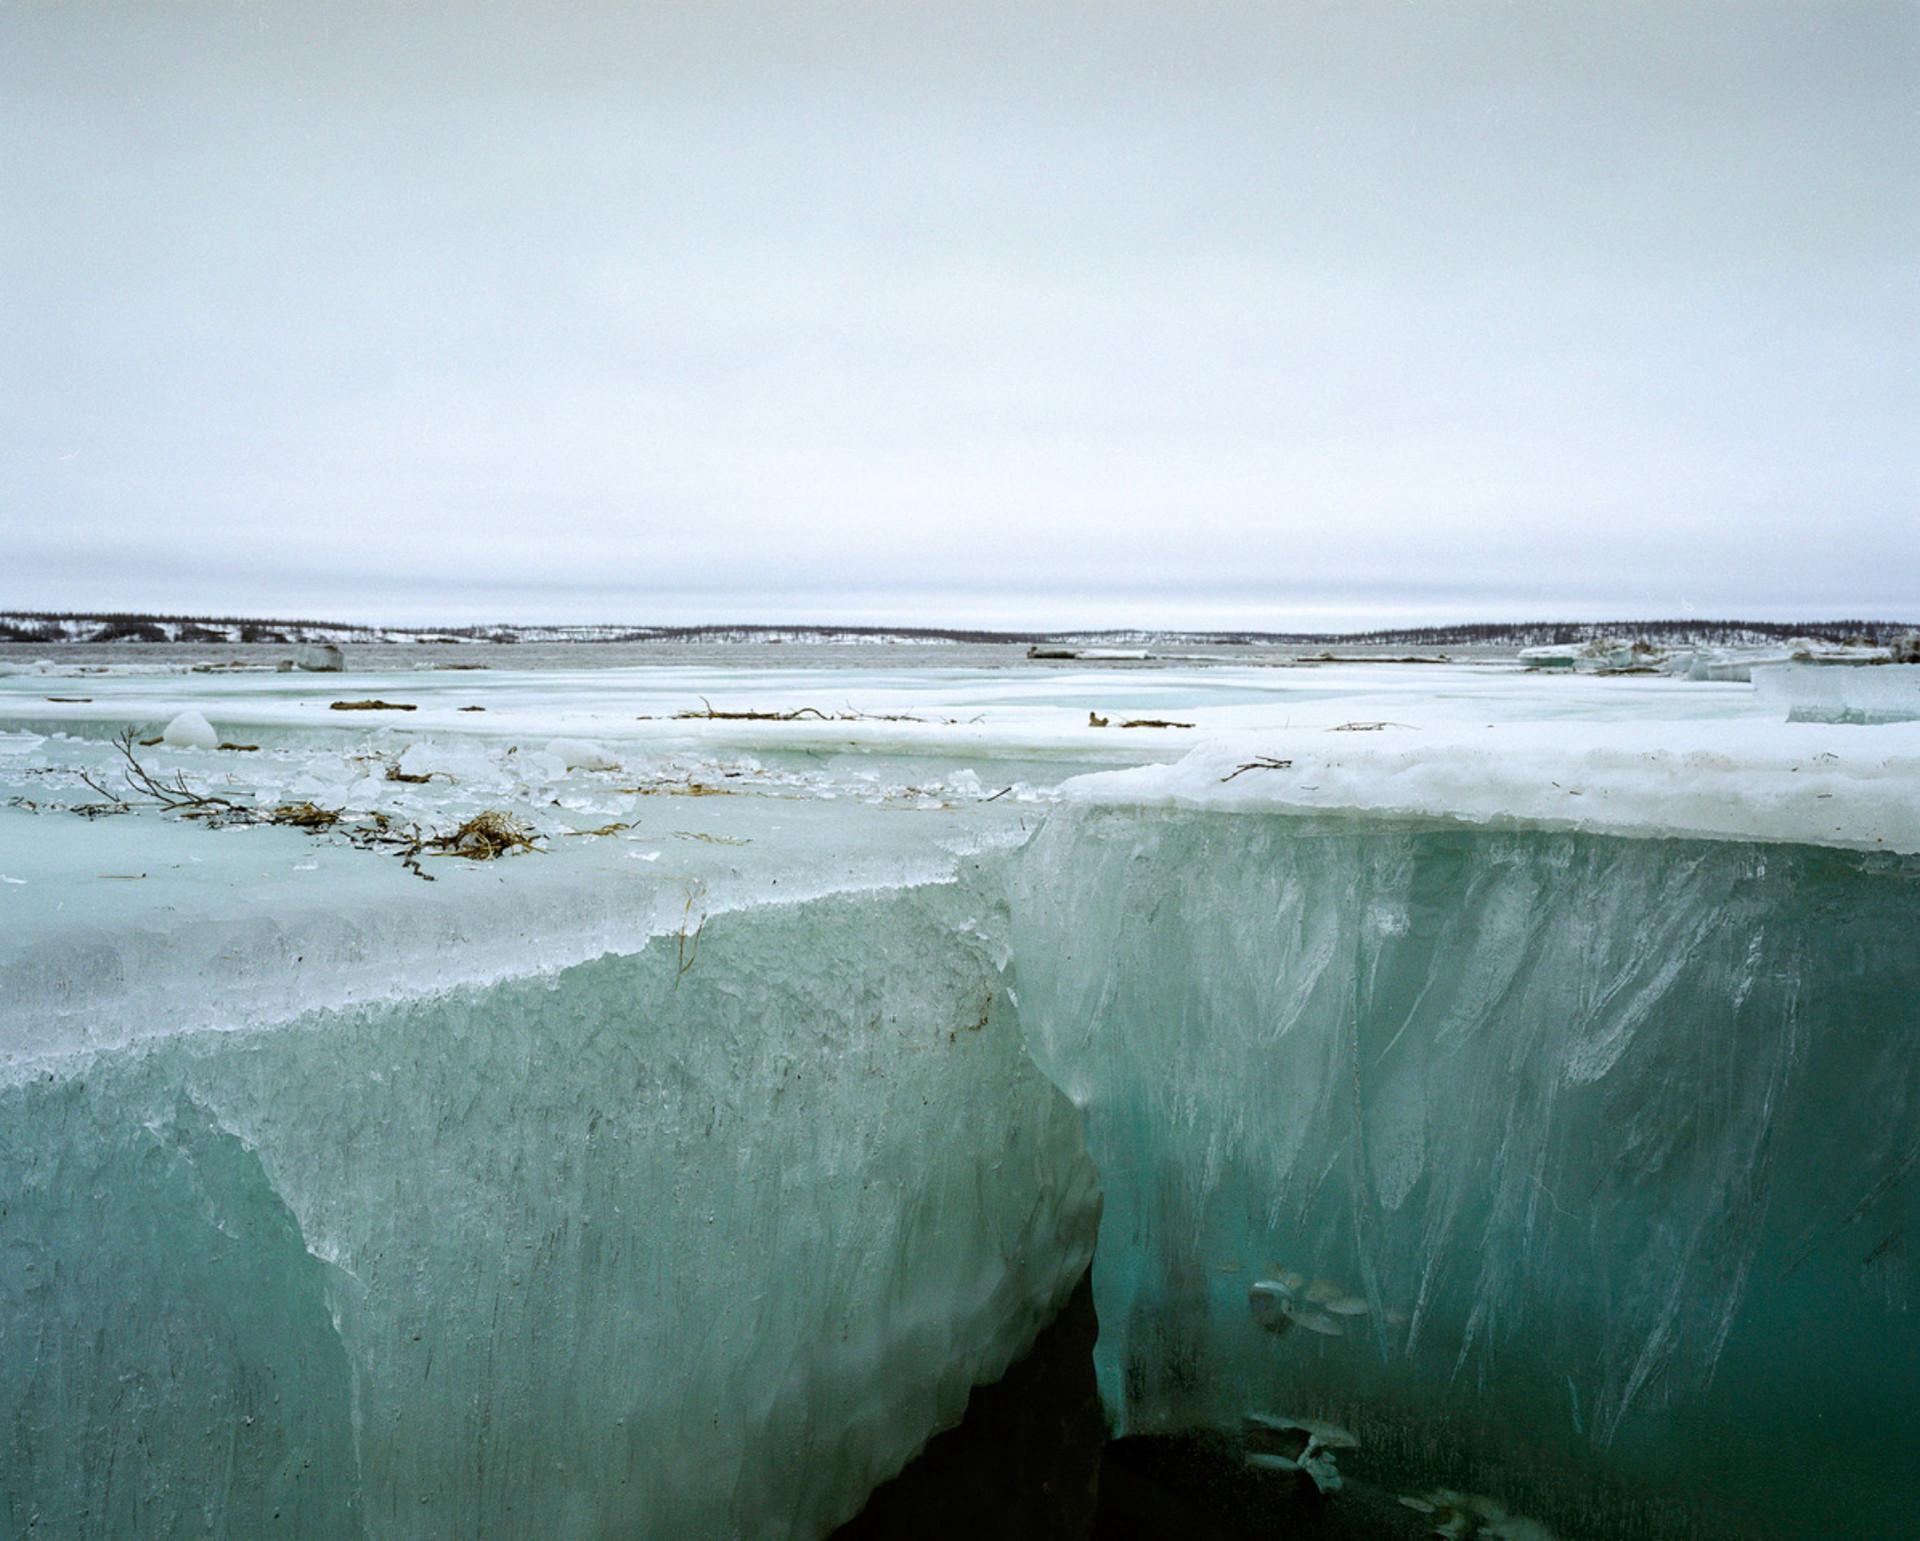 Liza Factor, La superficie della Siberia, Dudinka, 2001